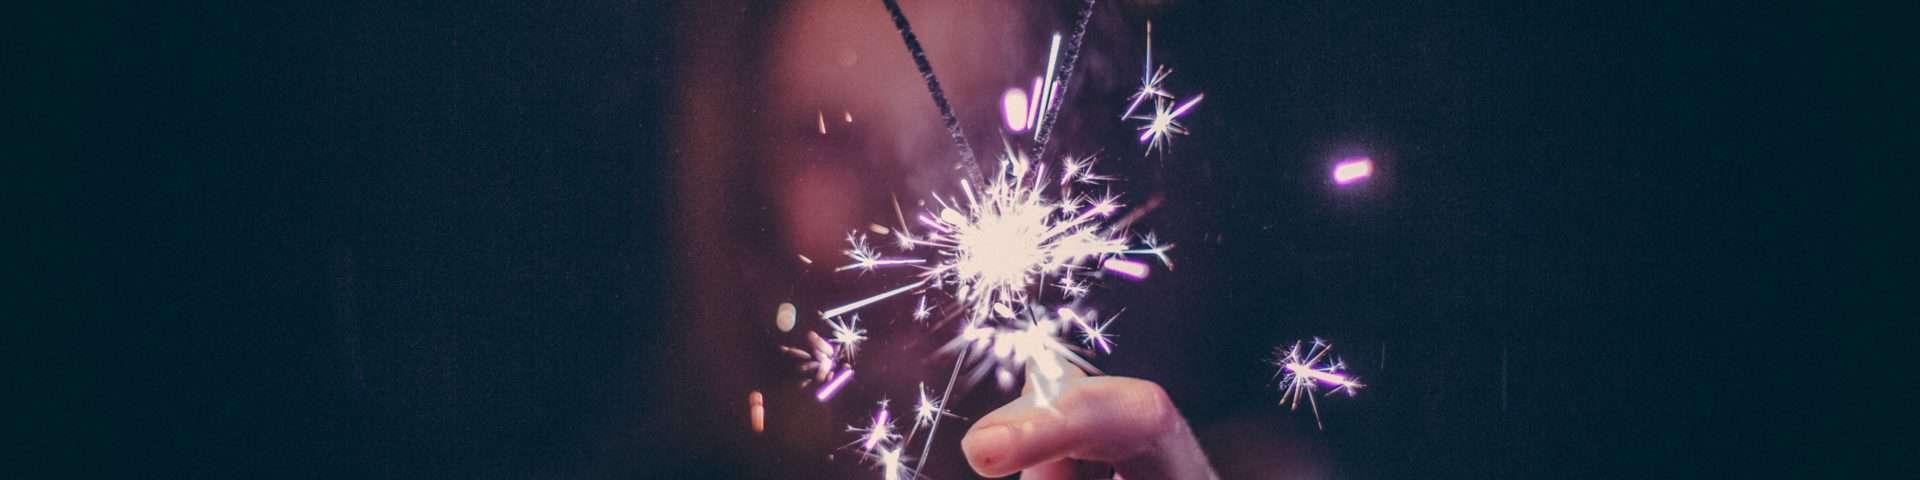 10 Dinge, an die man sich erinnern sollte, wenn 2018 zu Ende geht und 2019 beginnt